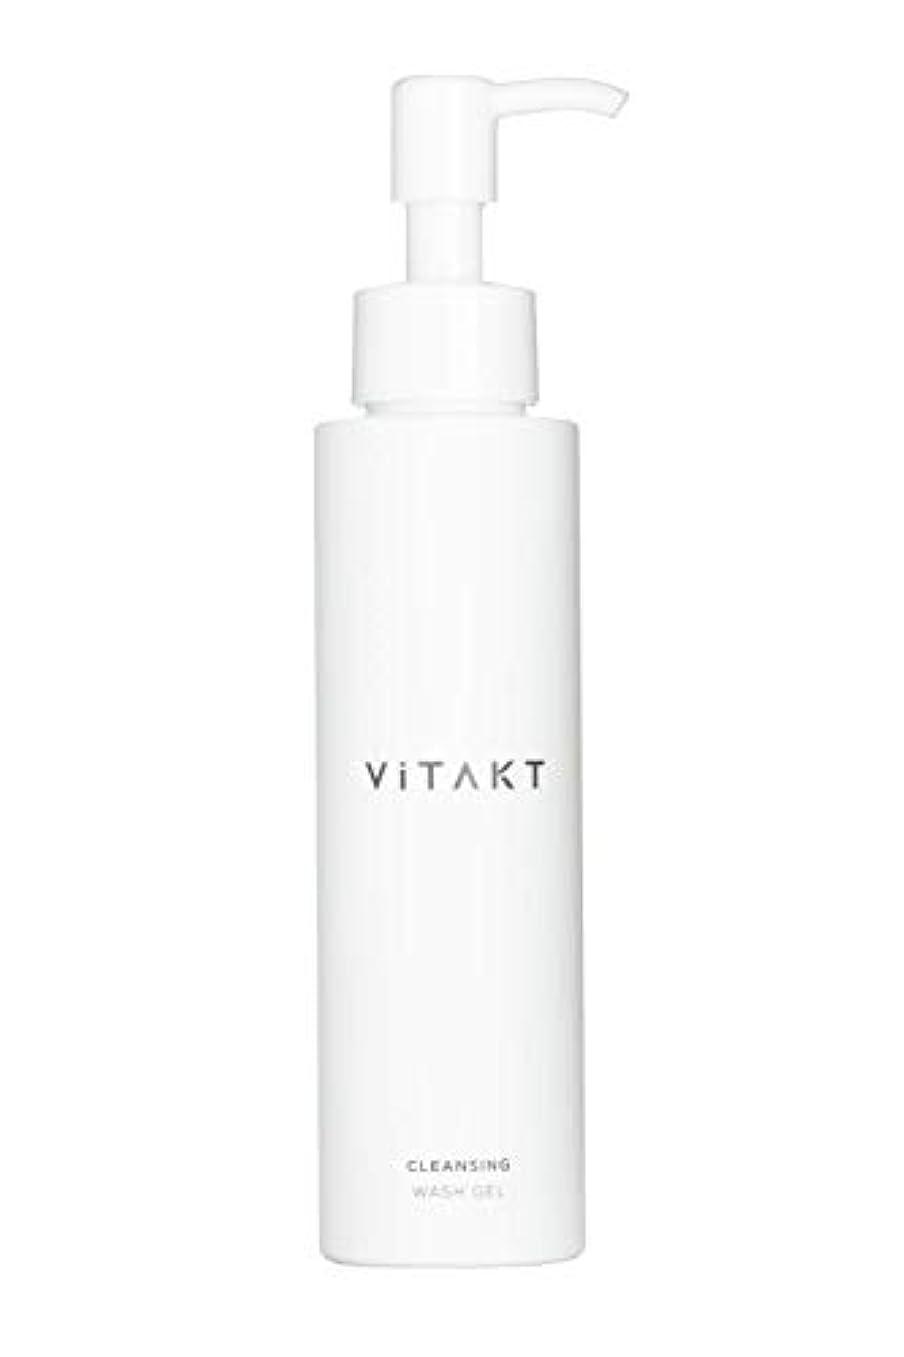 ブーストヤング王族ヴィタクト ViTAKT クレンジングウォッシュジェル (洗顔 + メイク落とし/W洗顔不要) 無添加 まつエク対応 (120mL)